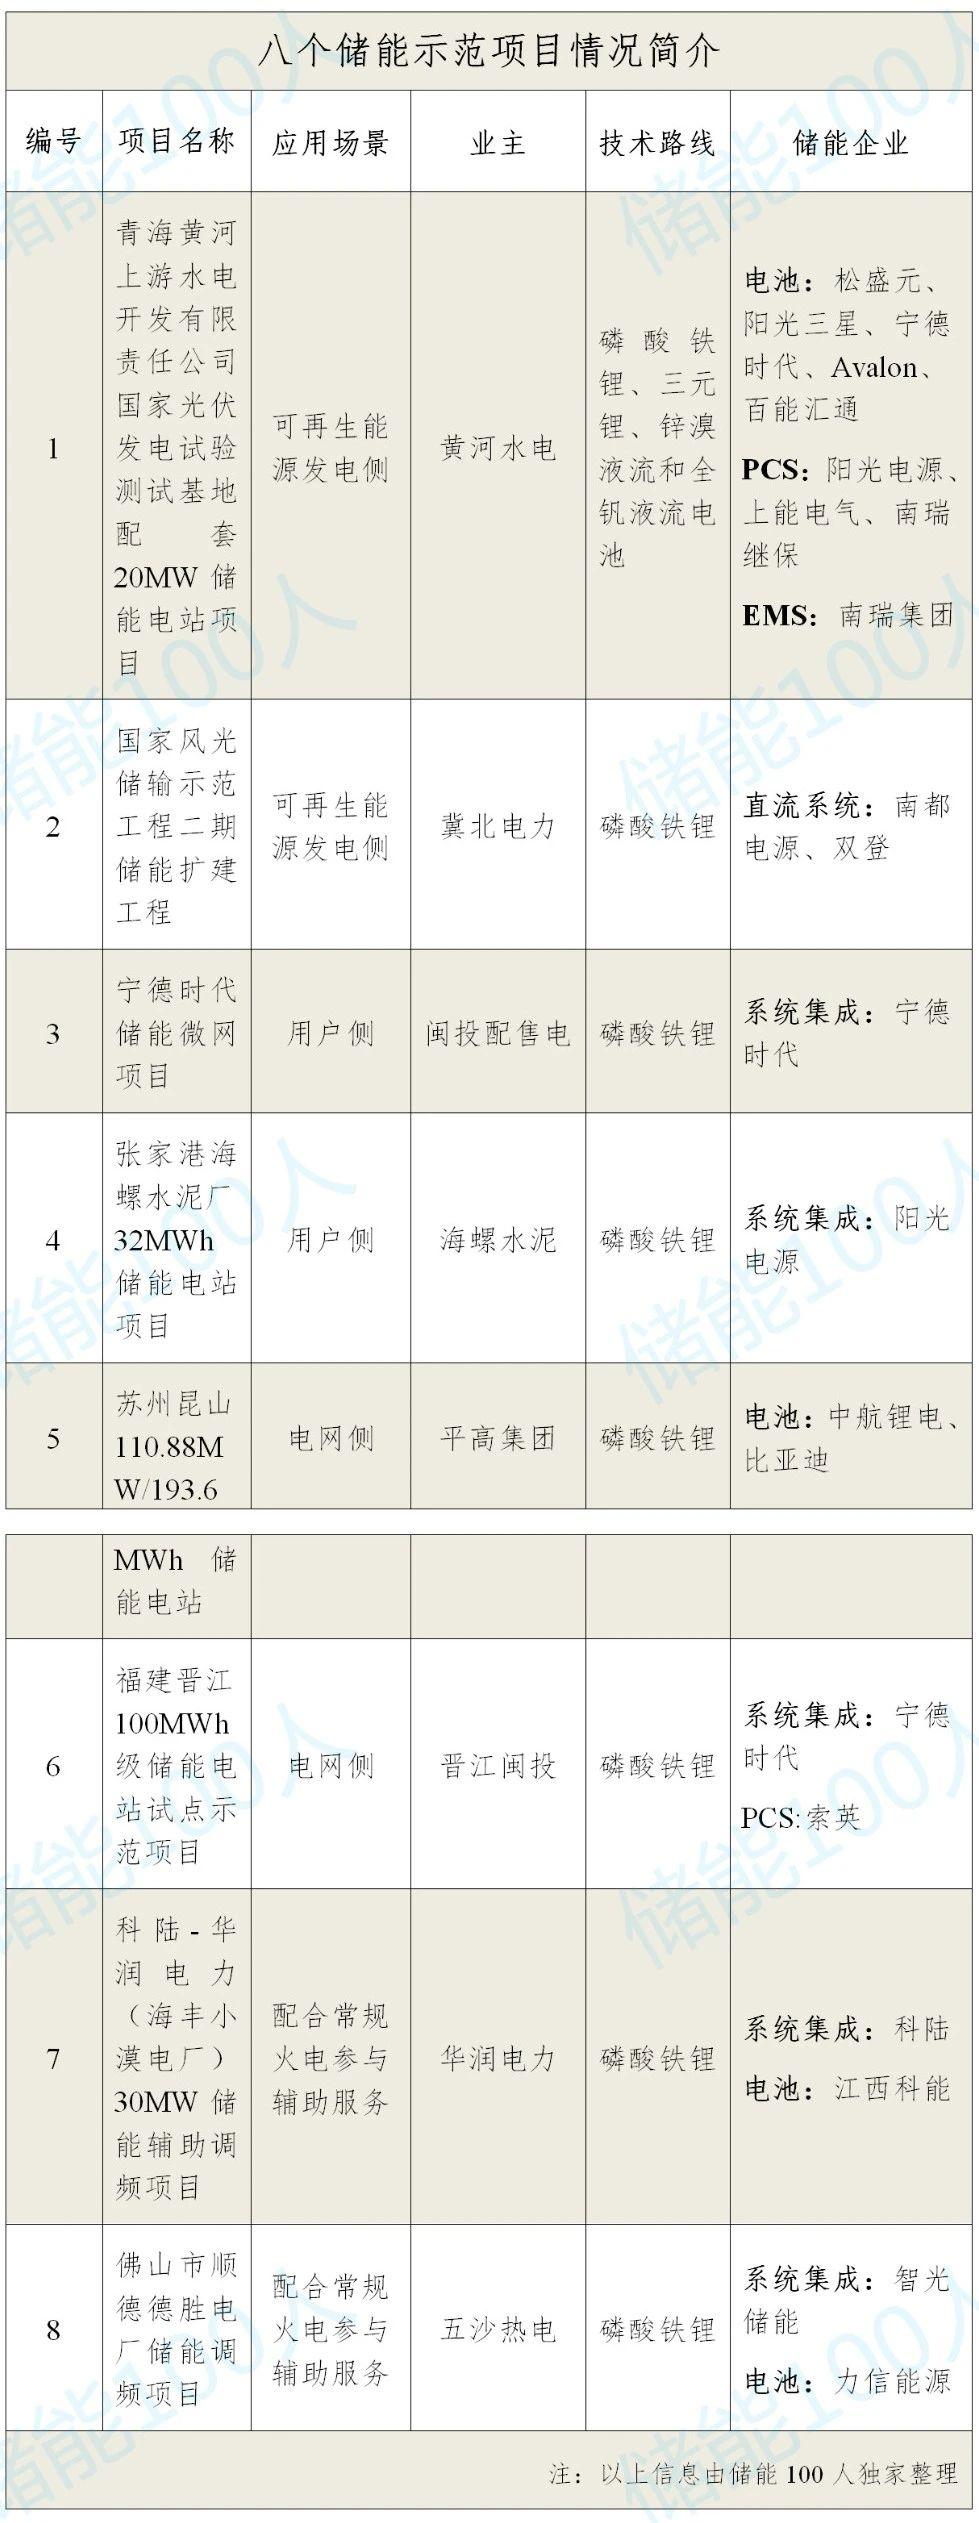 储能新闻2.jpg